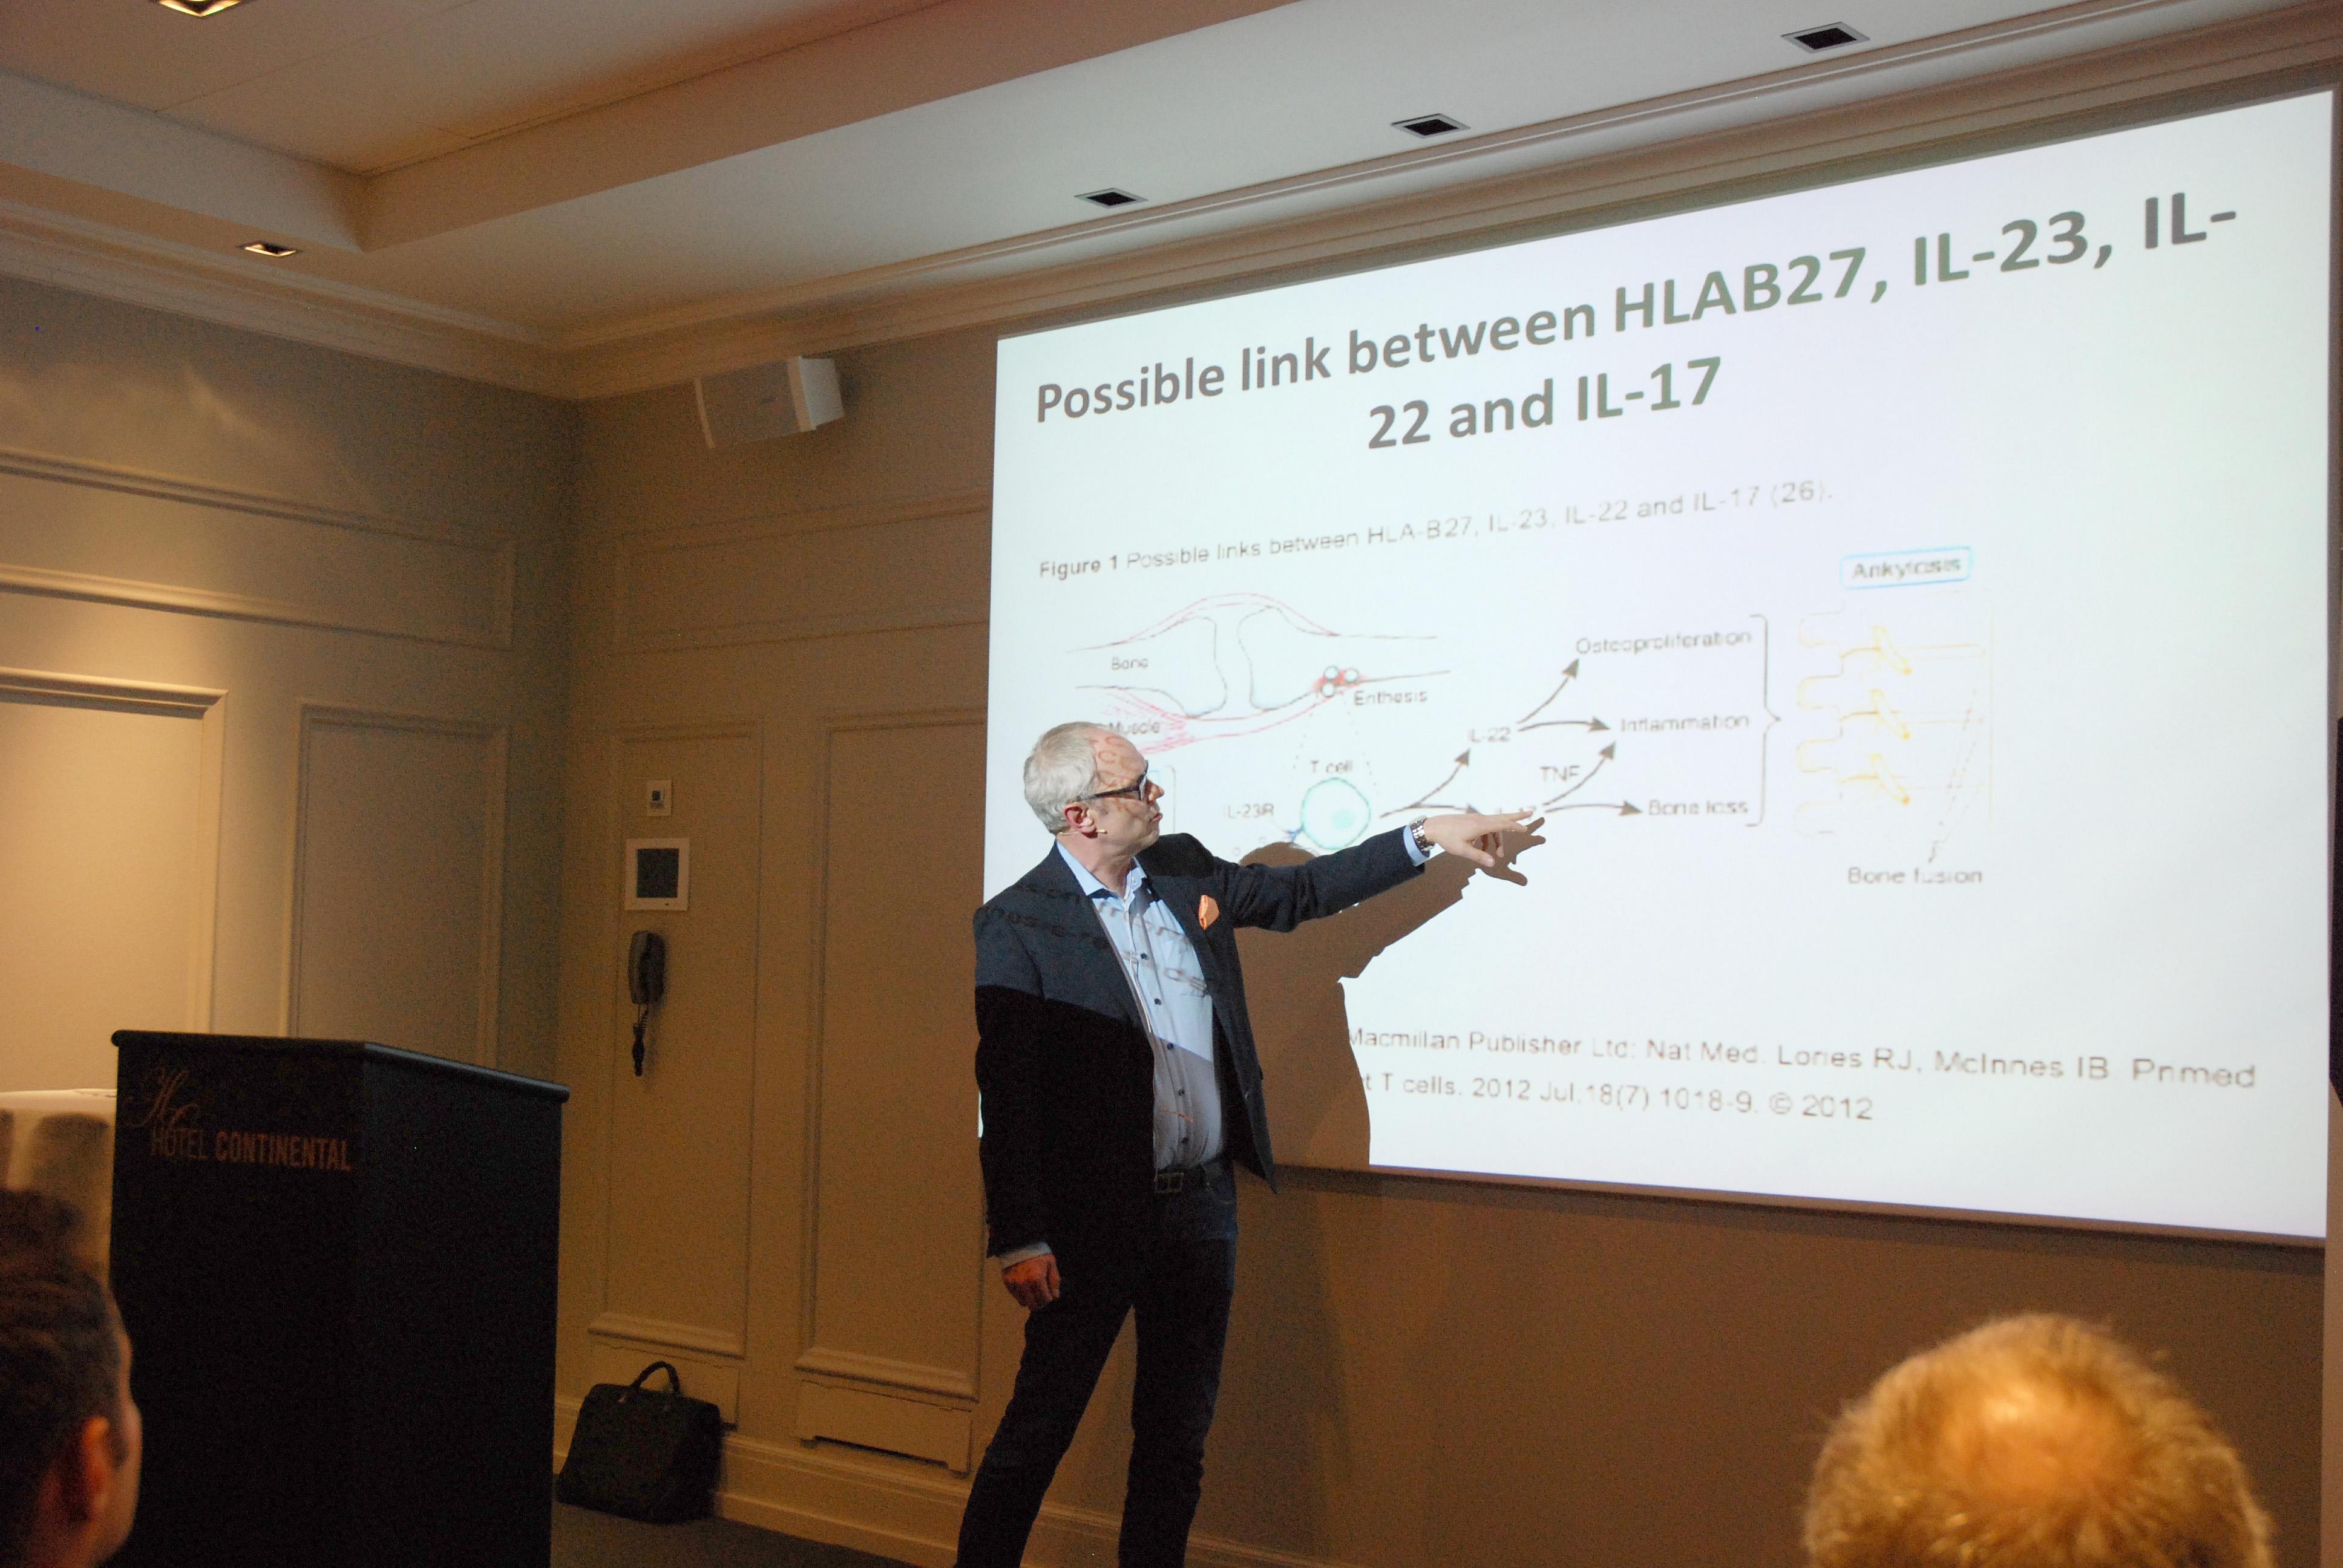 Mann peker på lysbilde under foredrag